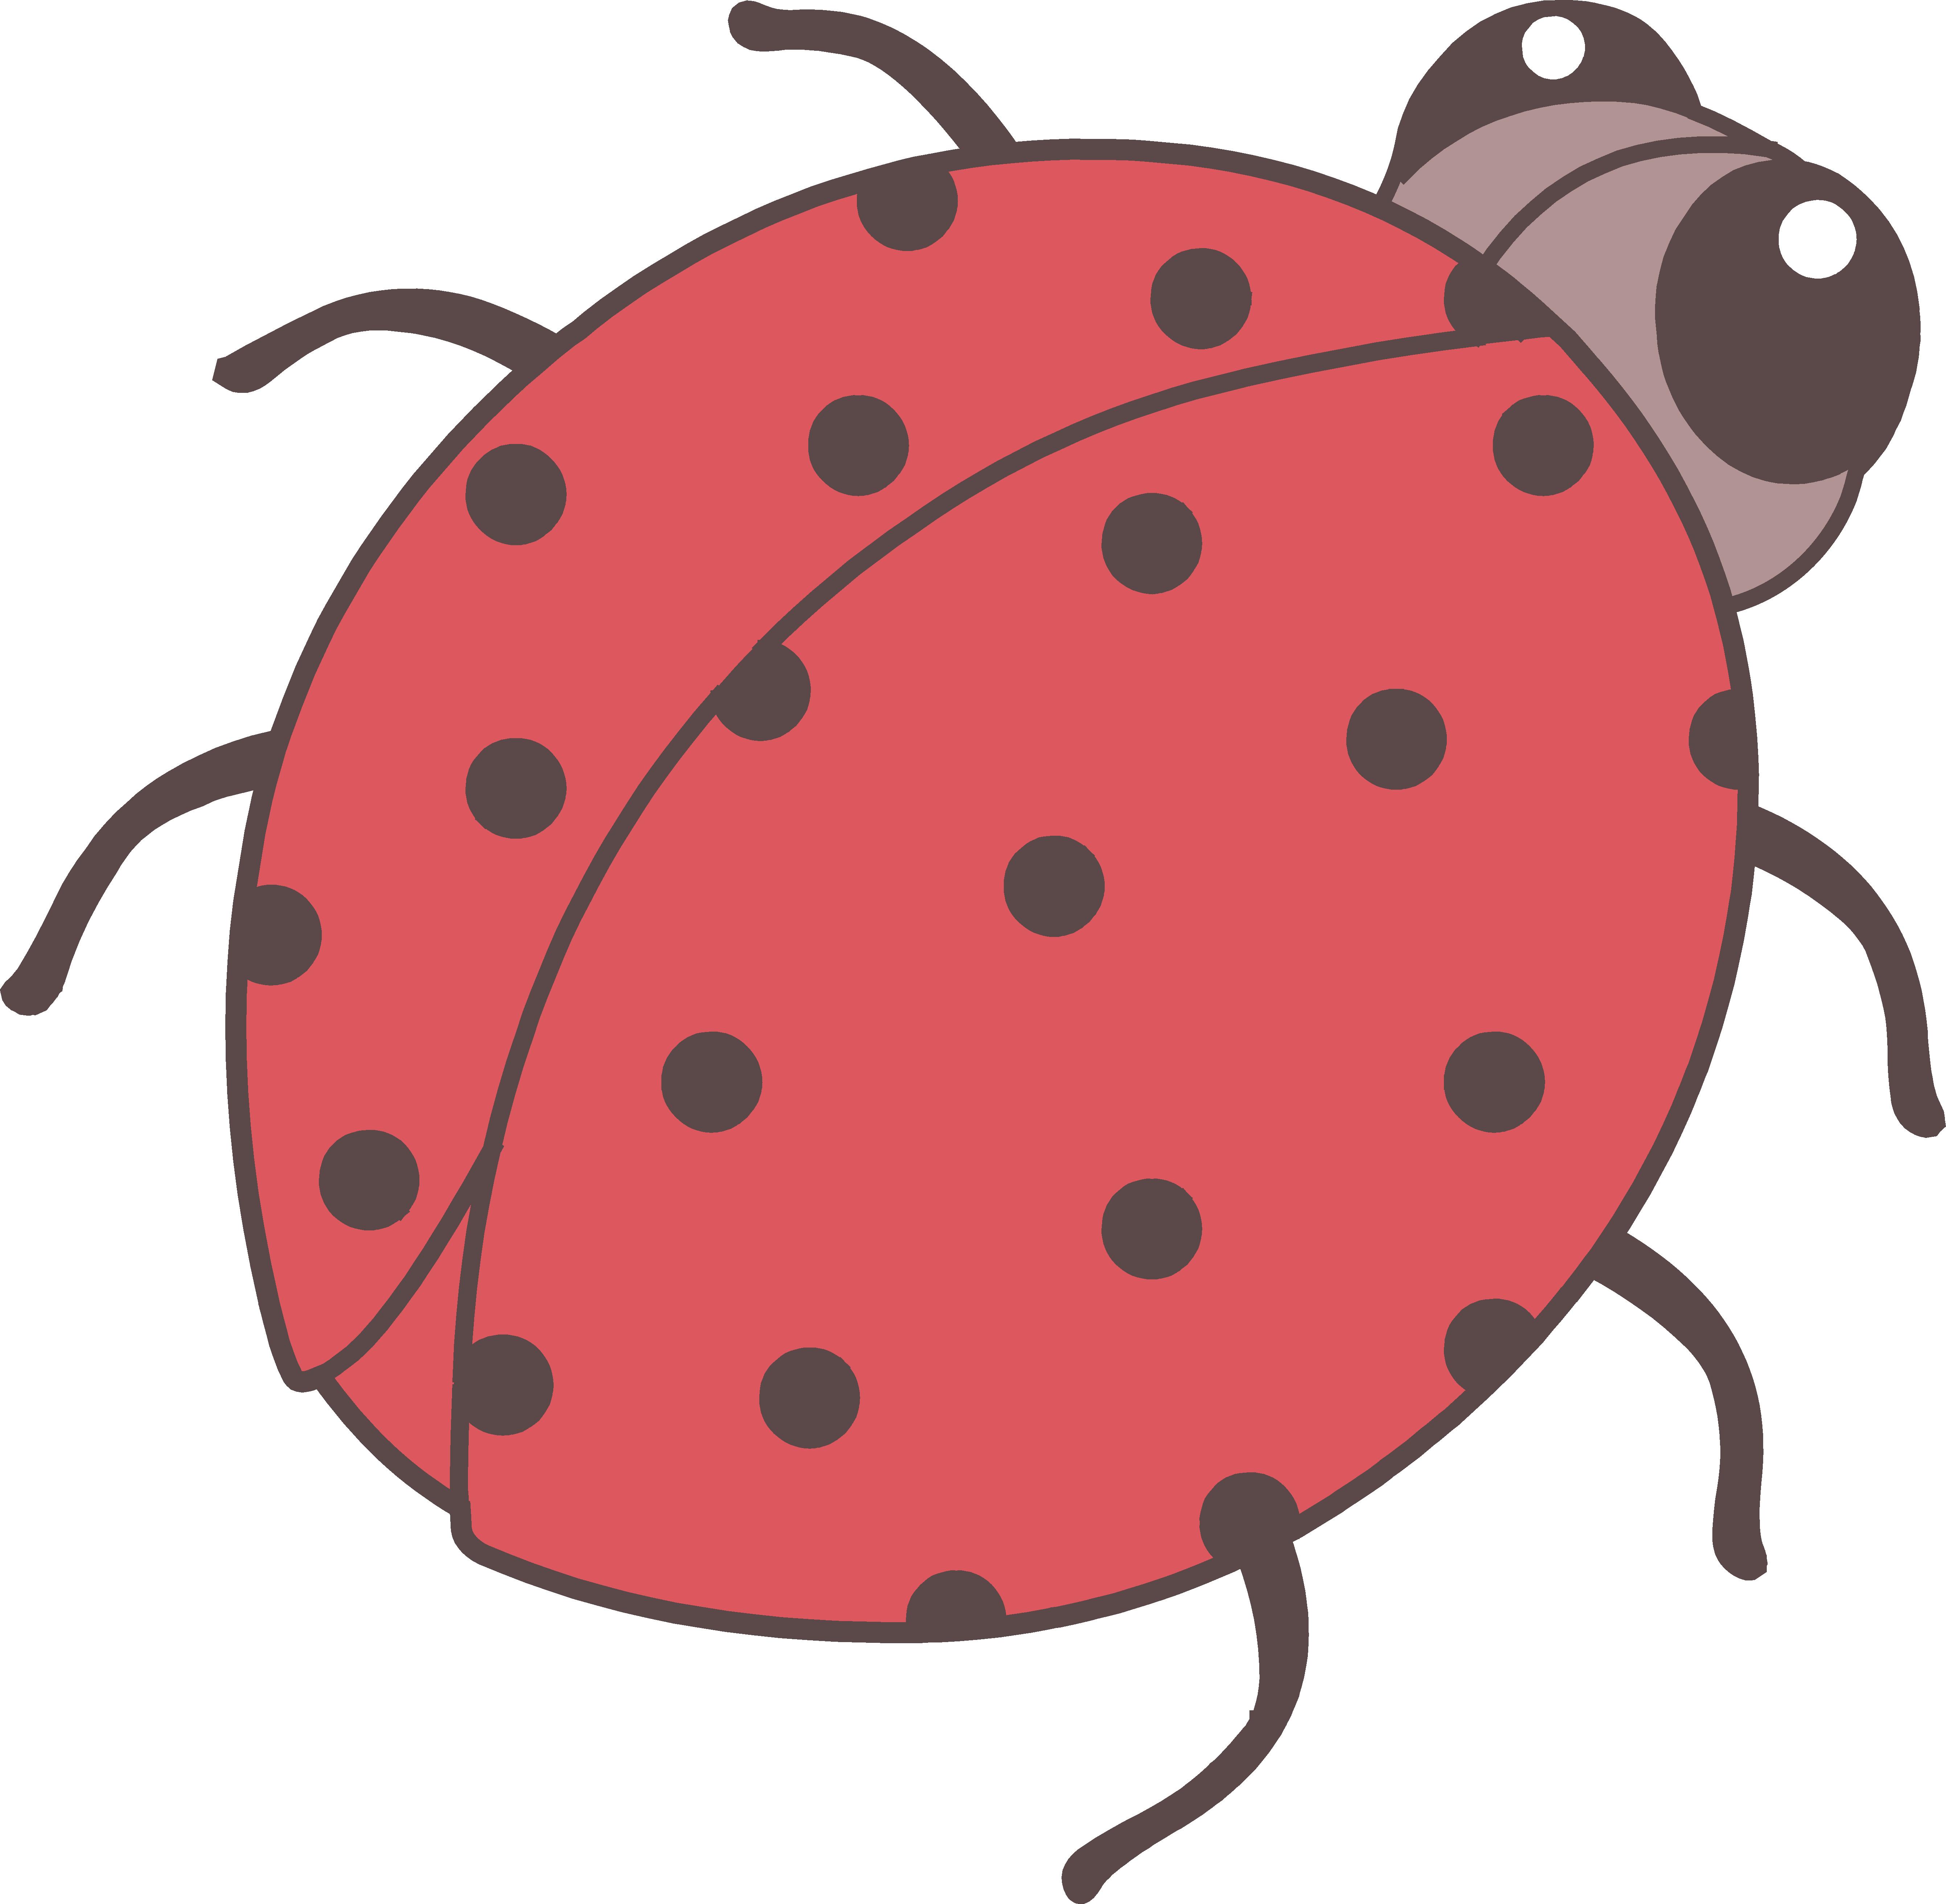 Girly clipart ladybug, Girly ladybug Transparent FREE for.